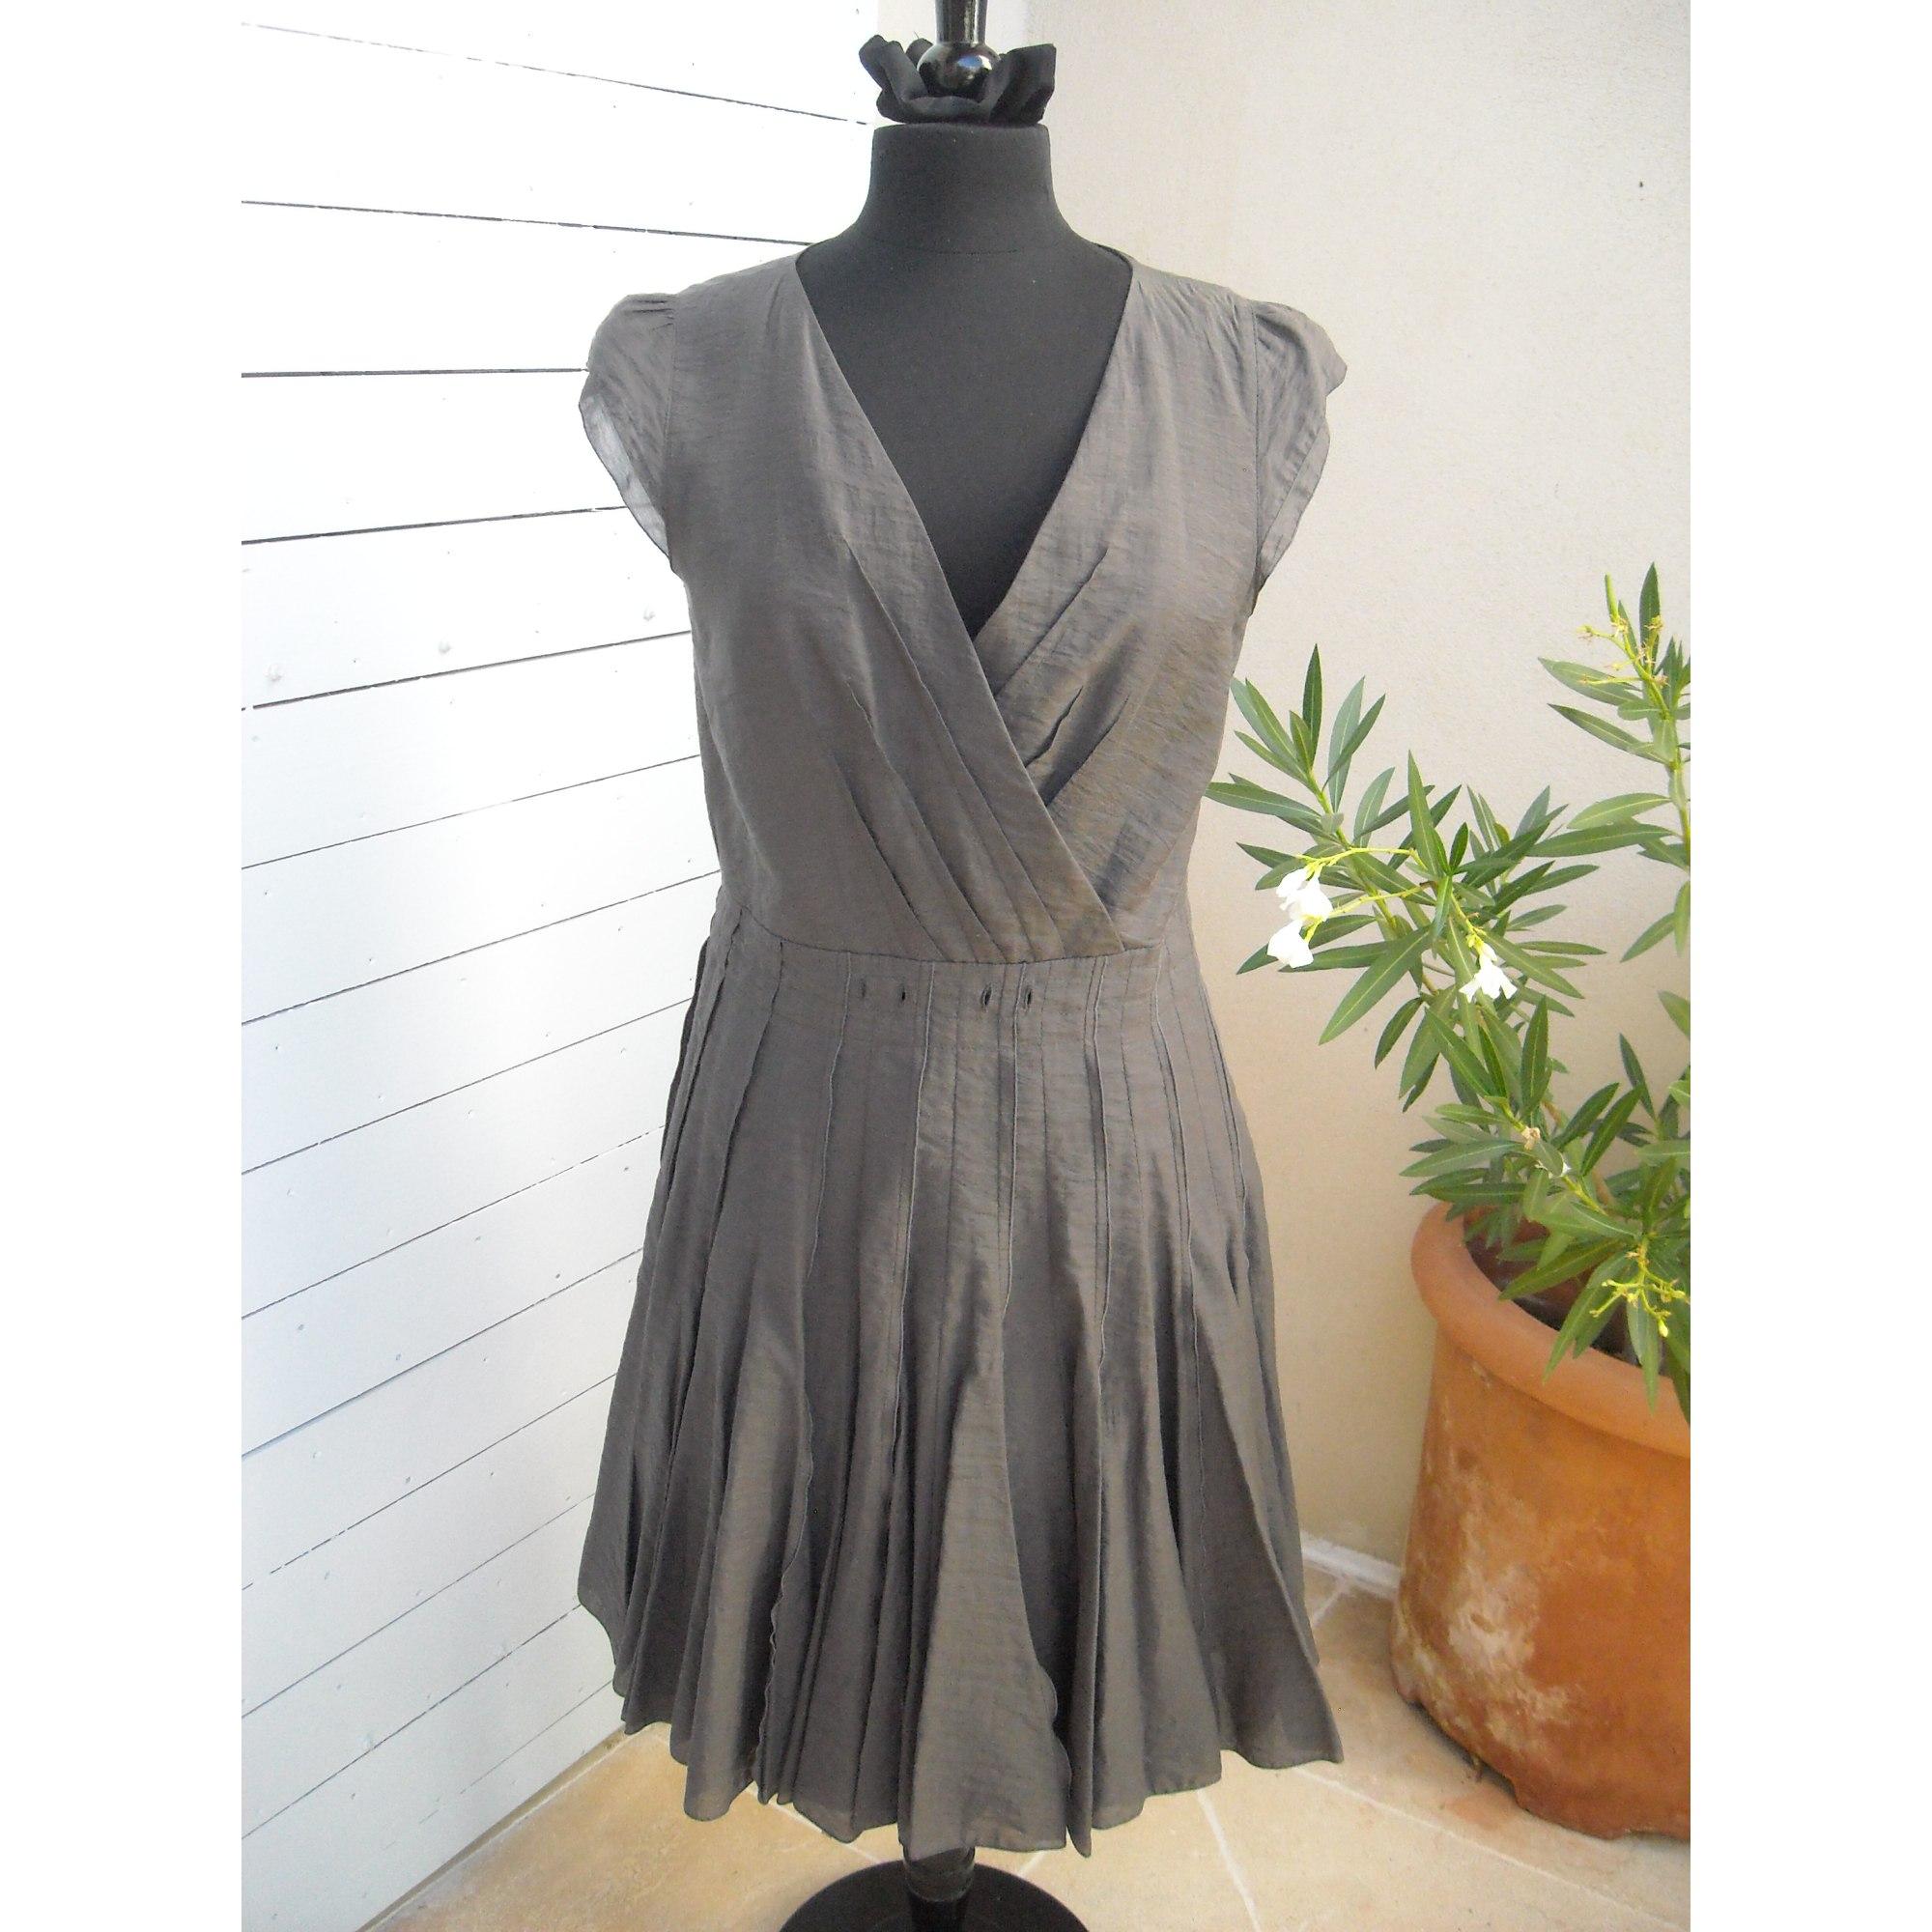 Robe courte CAROLL 42 (L XL, T4) gris vendu par Rosane101560 - 5145242 04930367c216